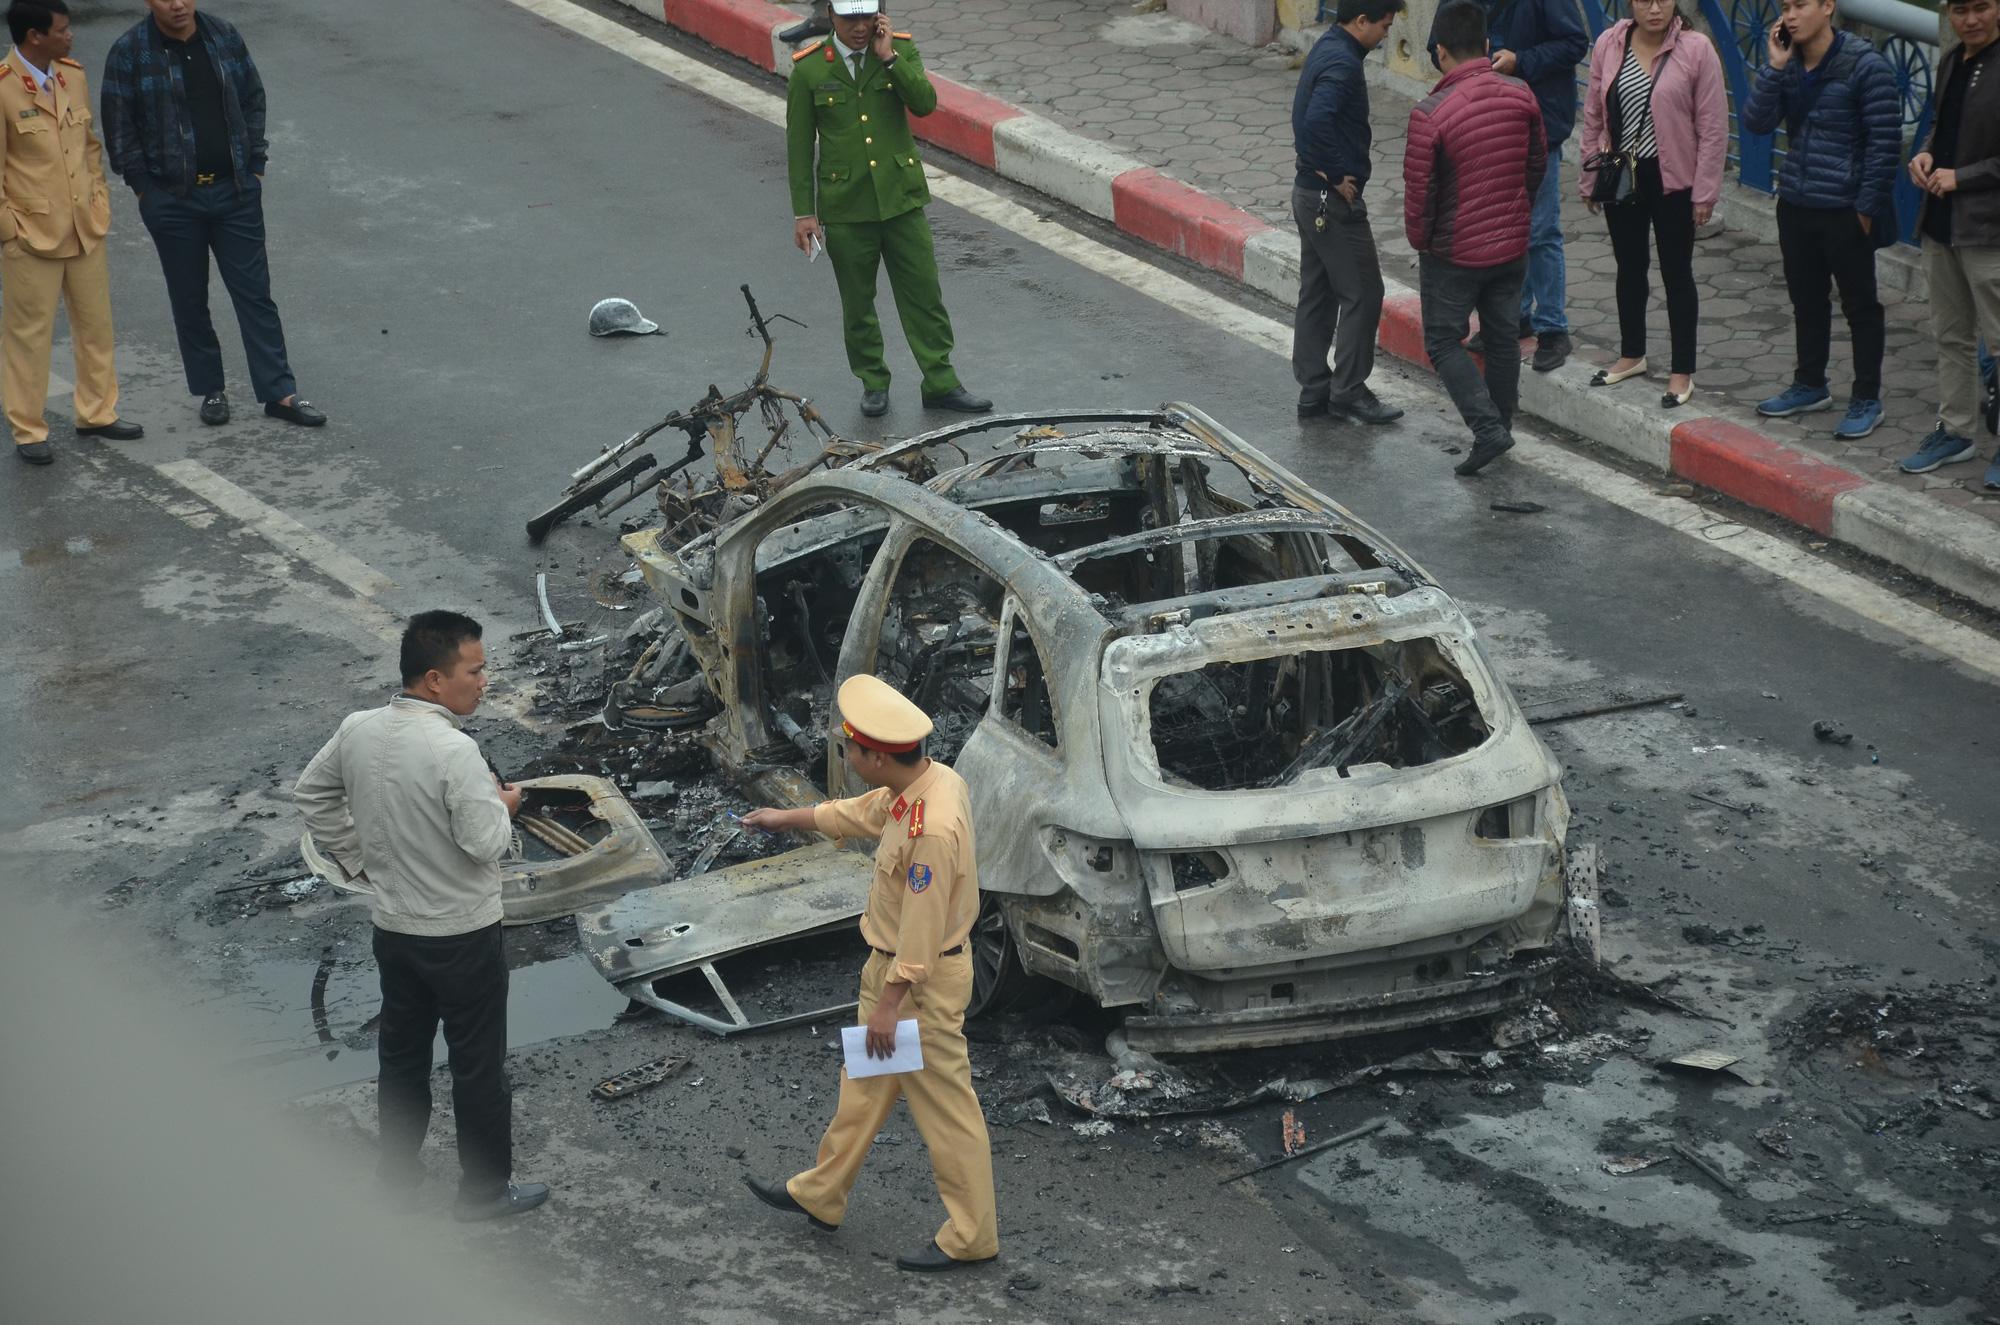 Khởi tố vụ nữ tài xế đi giày cao gót lái xe ô tô Mercedes gây tai nạn liên hoàn khiến 1 người tử vong ở Lê Văn Lương - Ảnh 2.